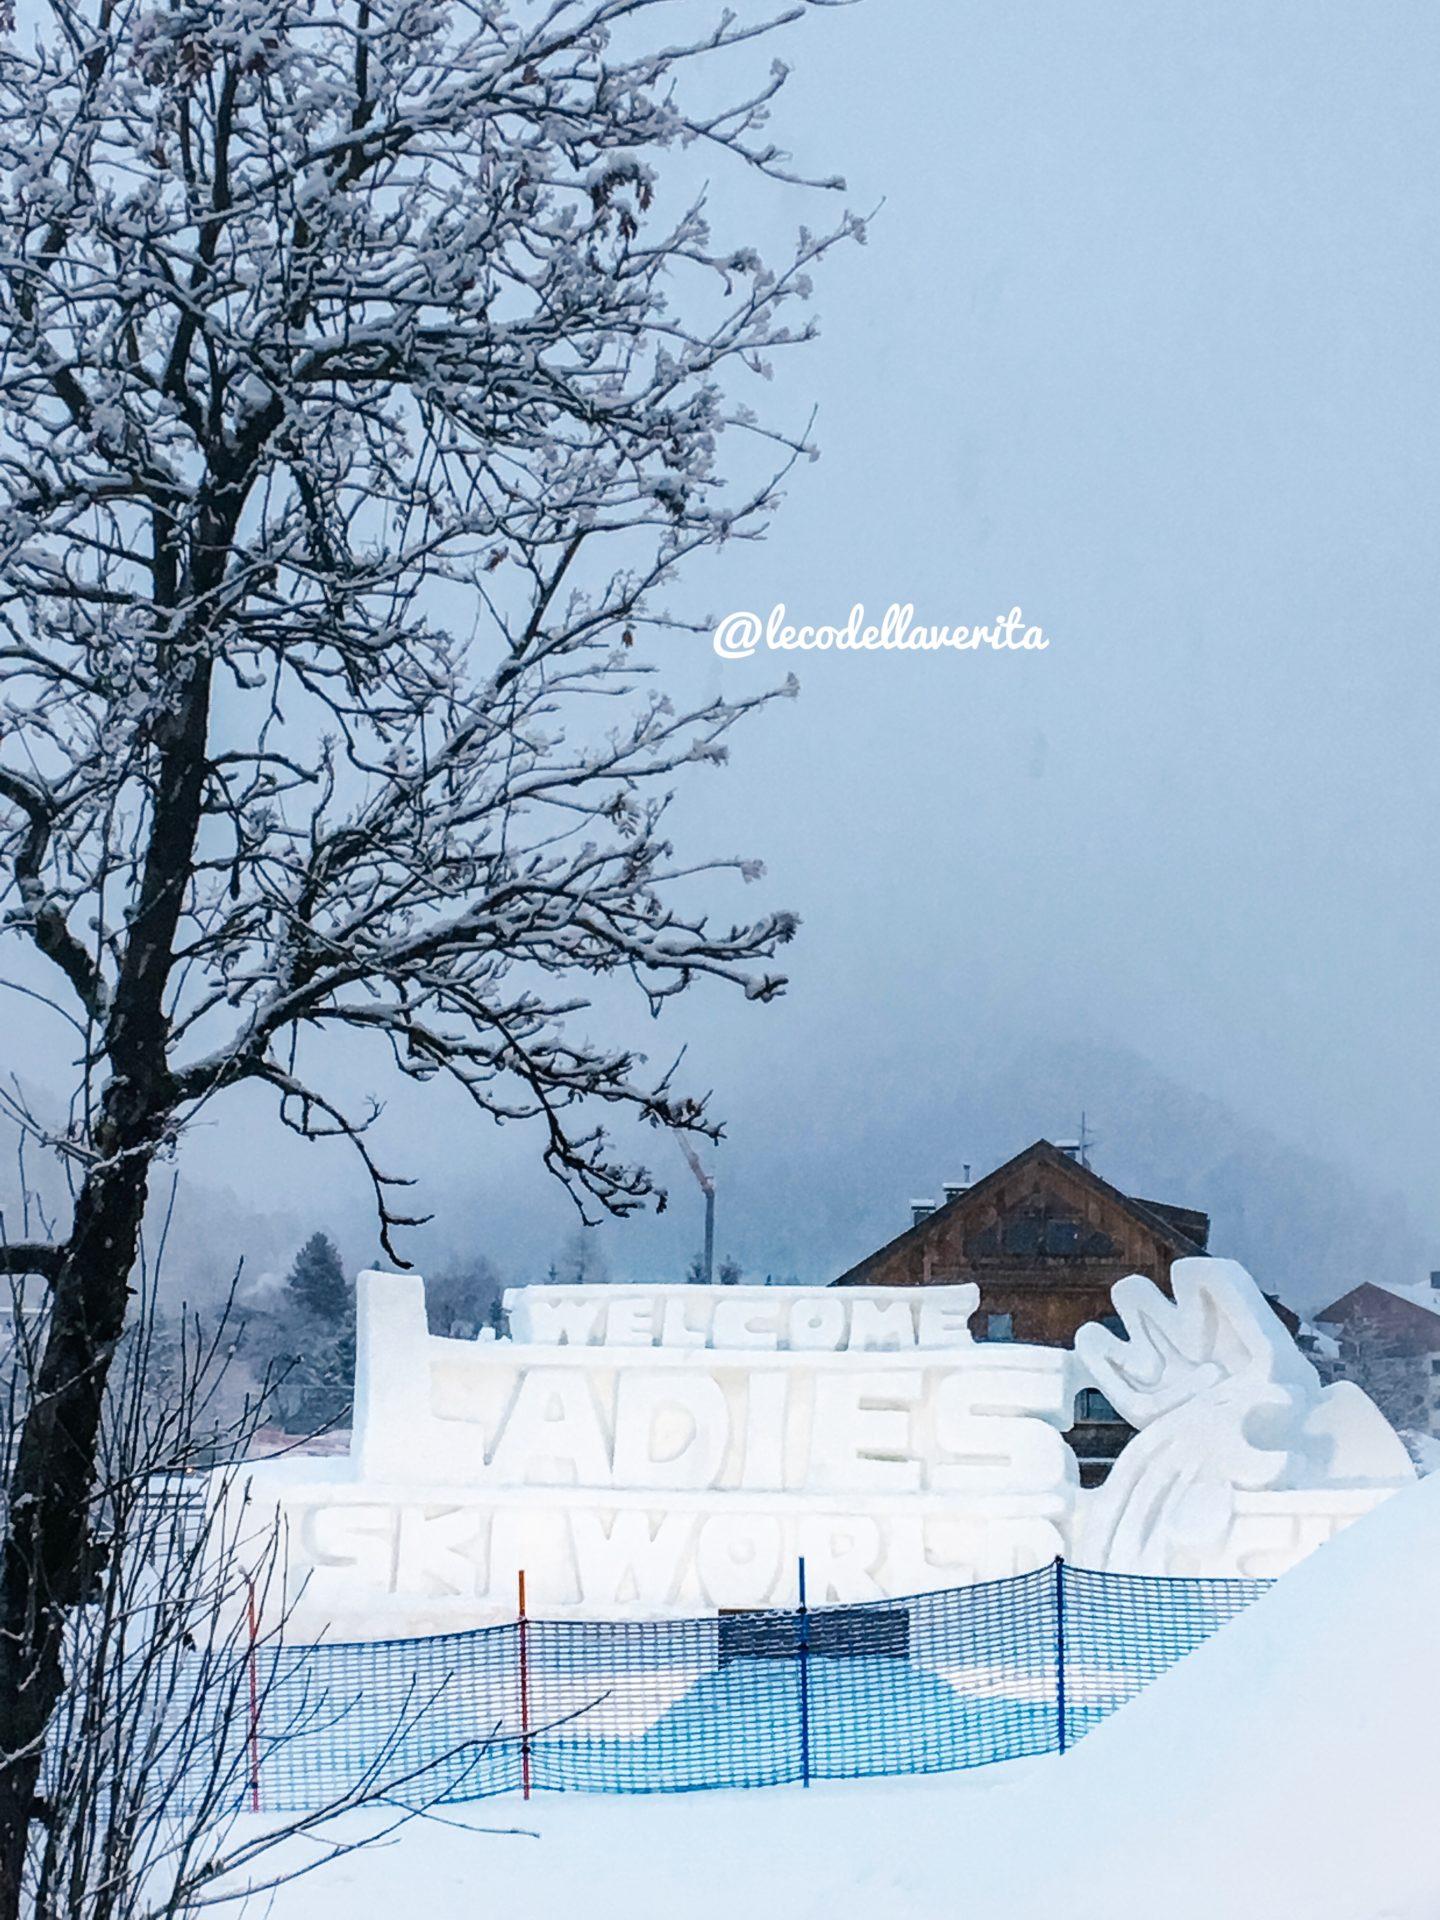 San Vigilio di Marebbe neve e magia in settimana bianca